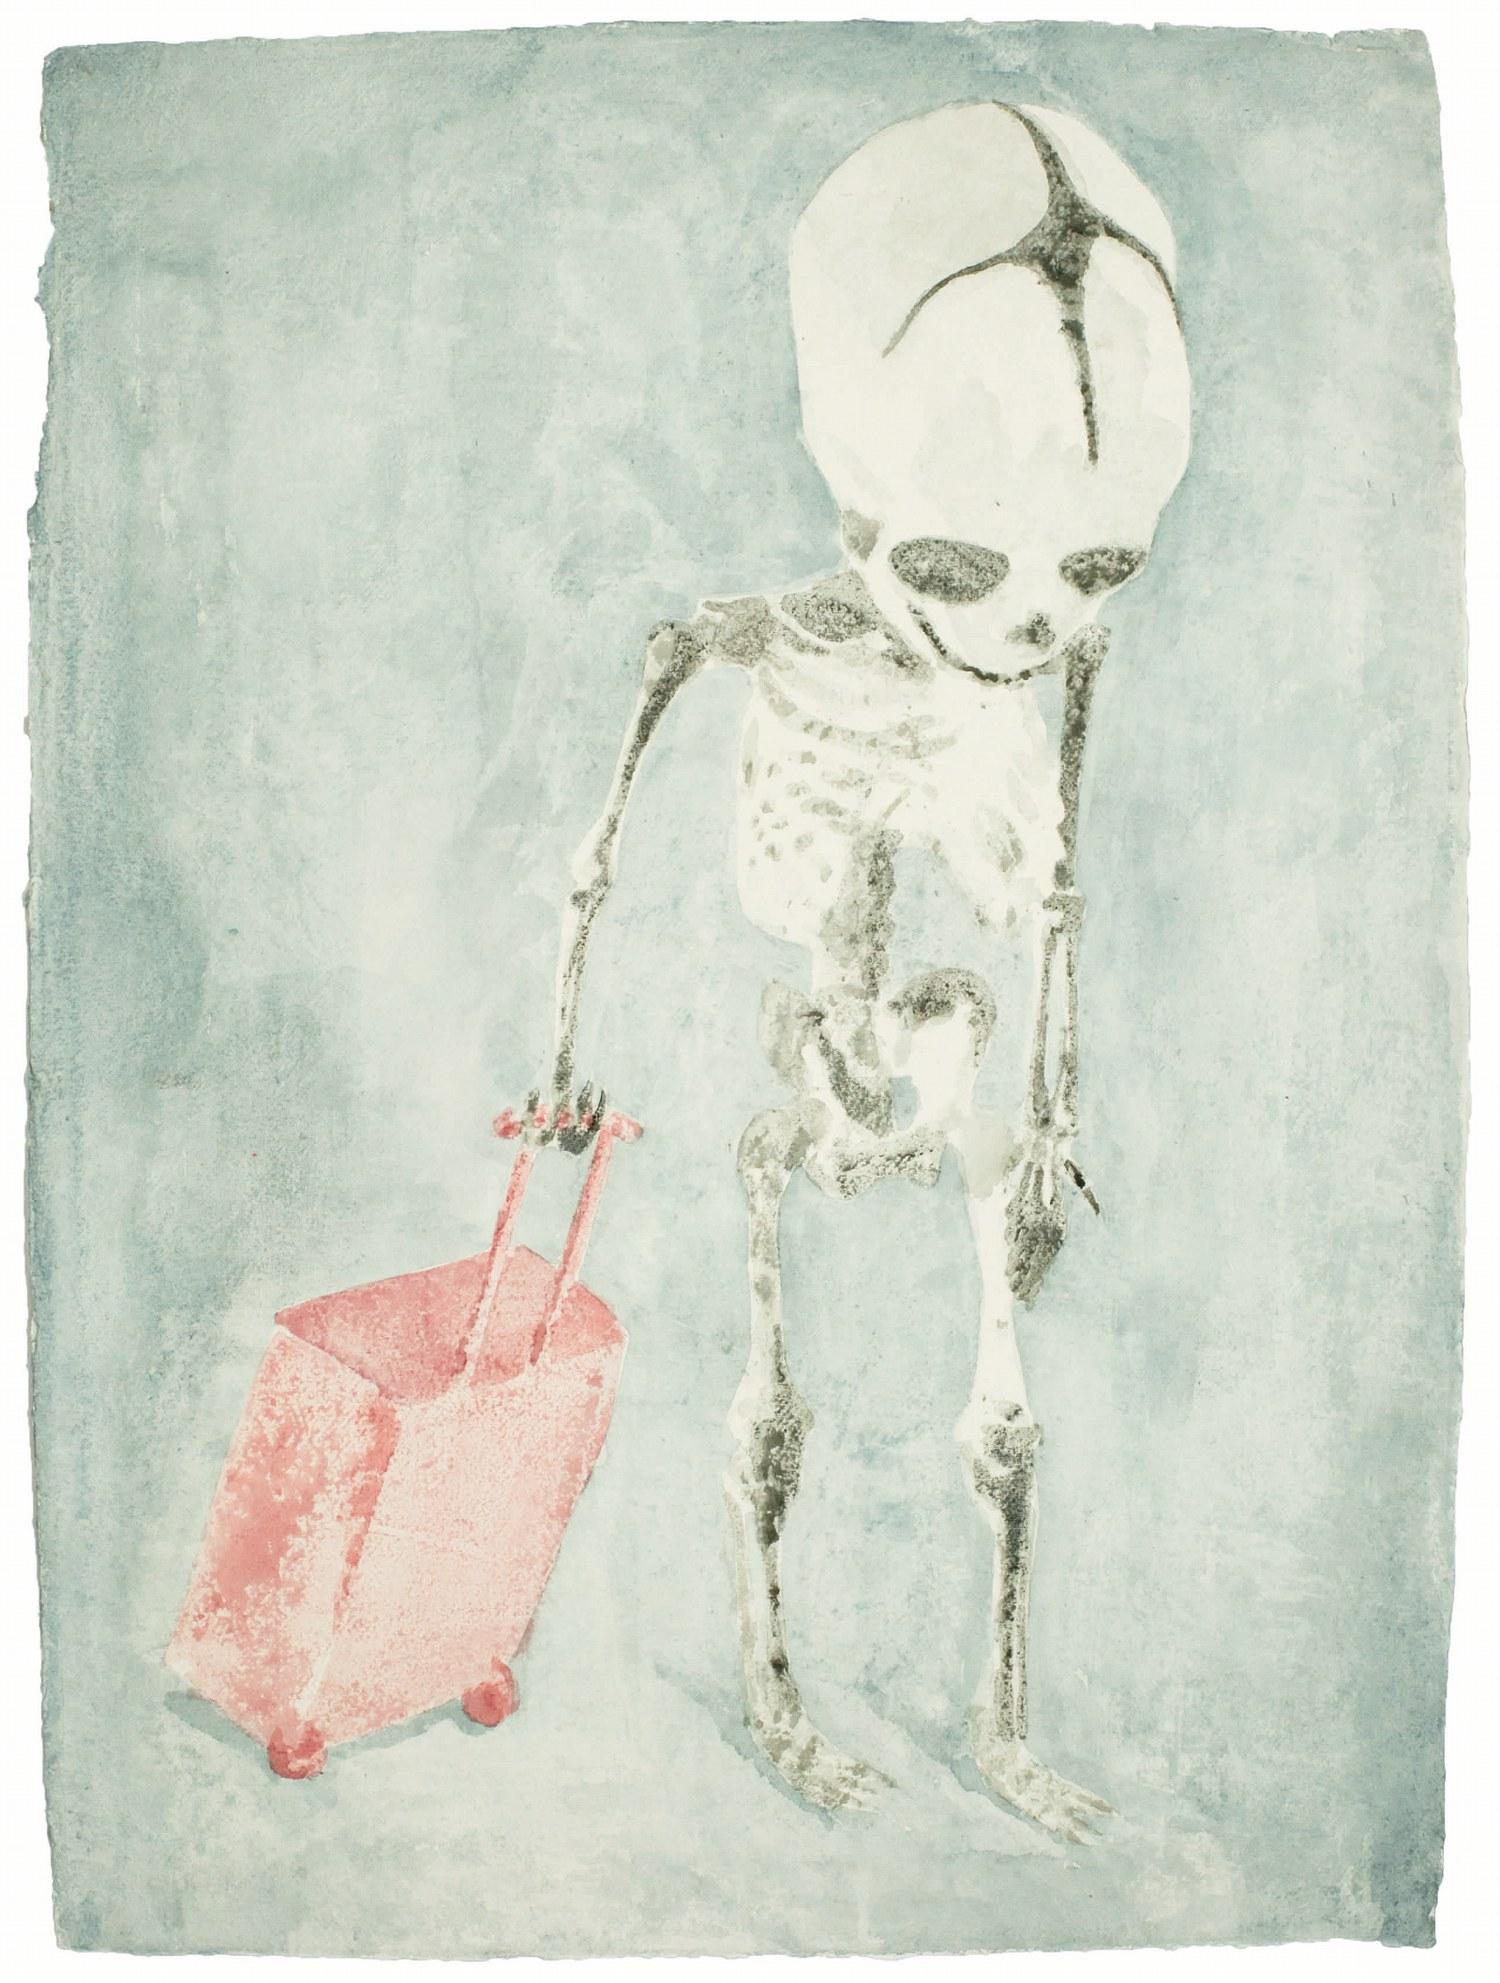 No Home, aquarelle sur papier@(77 x 57 cm)